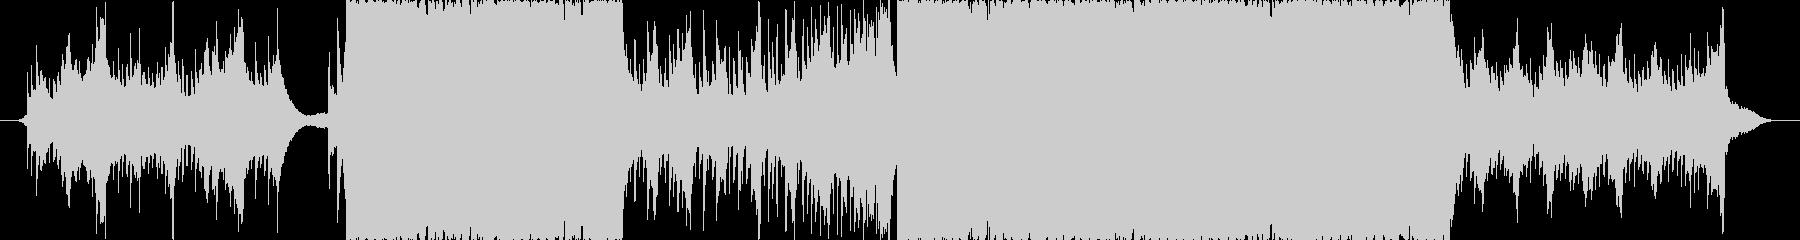 切なくて激しいピアノEDMの未再生の波形